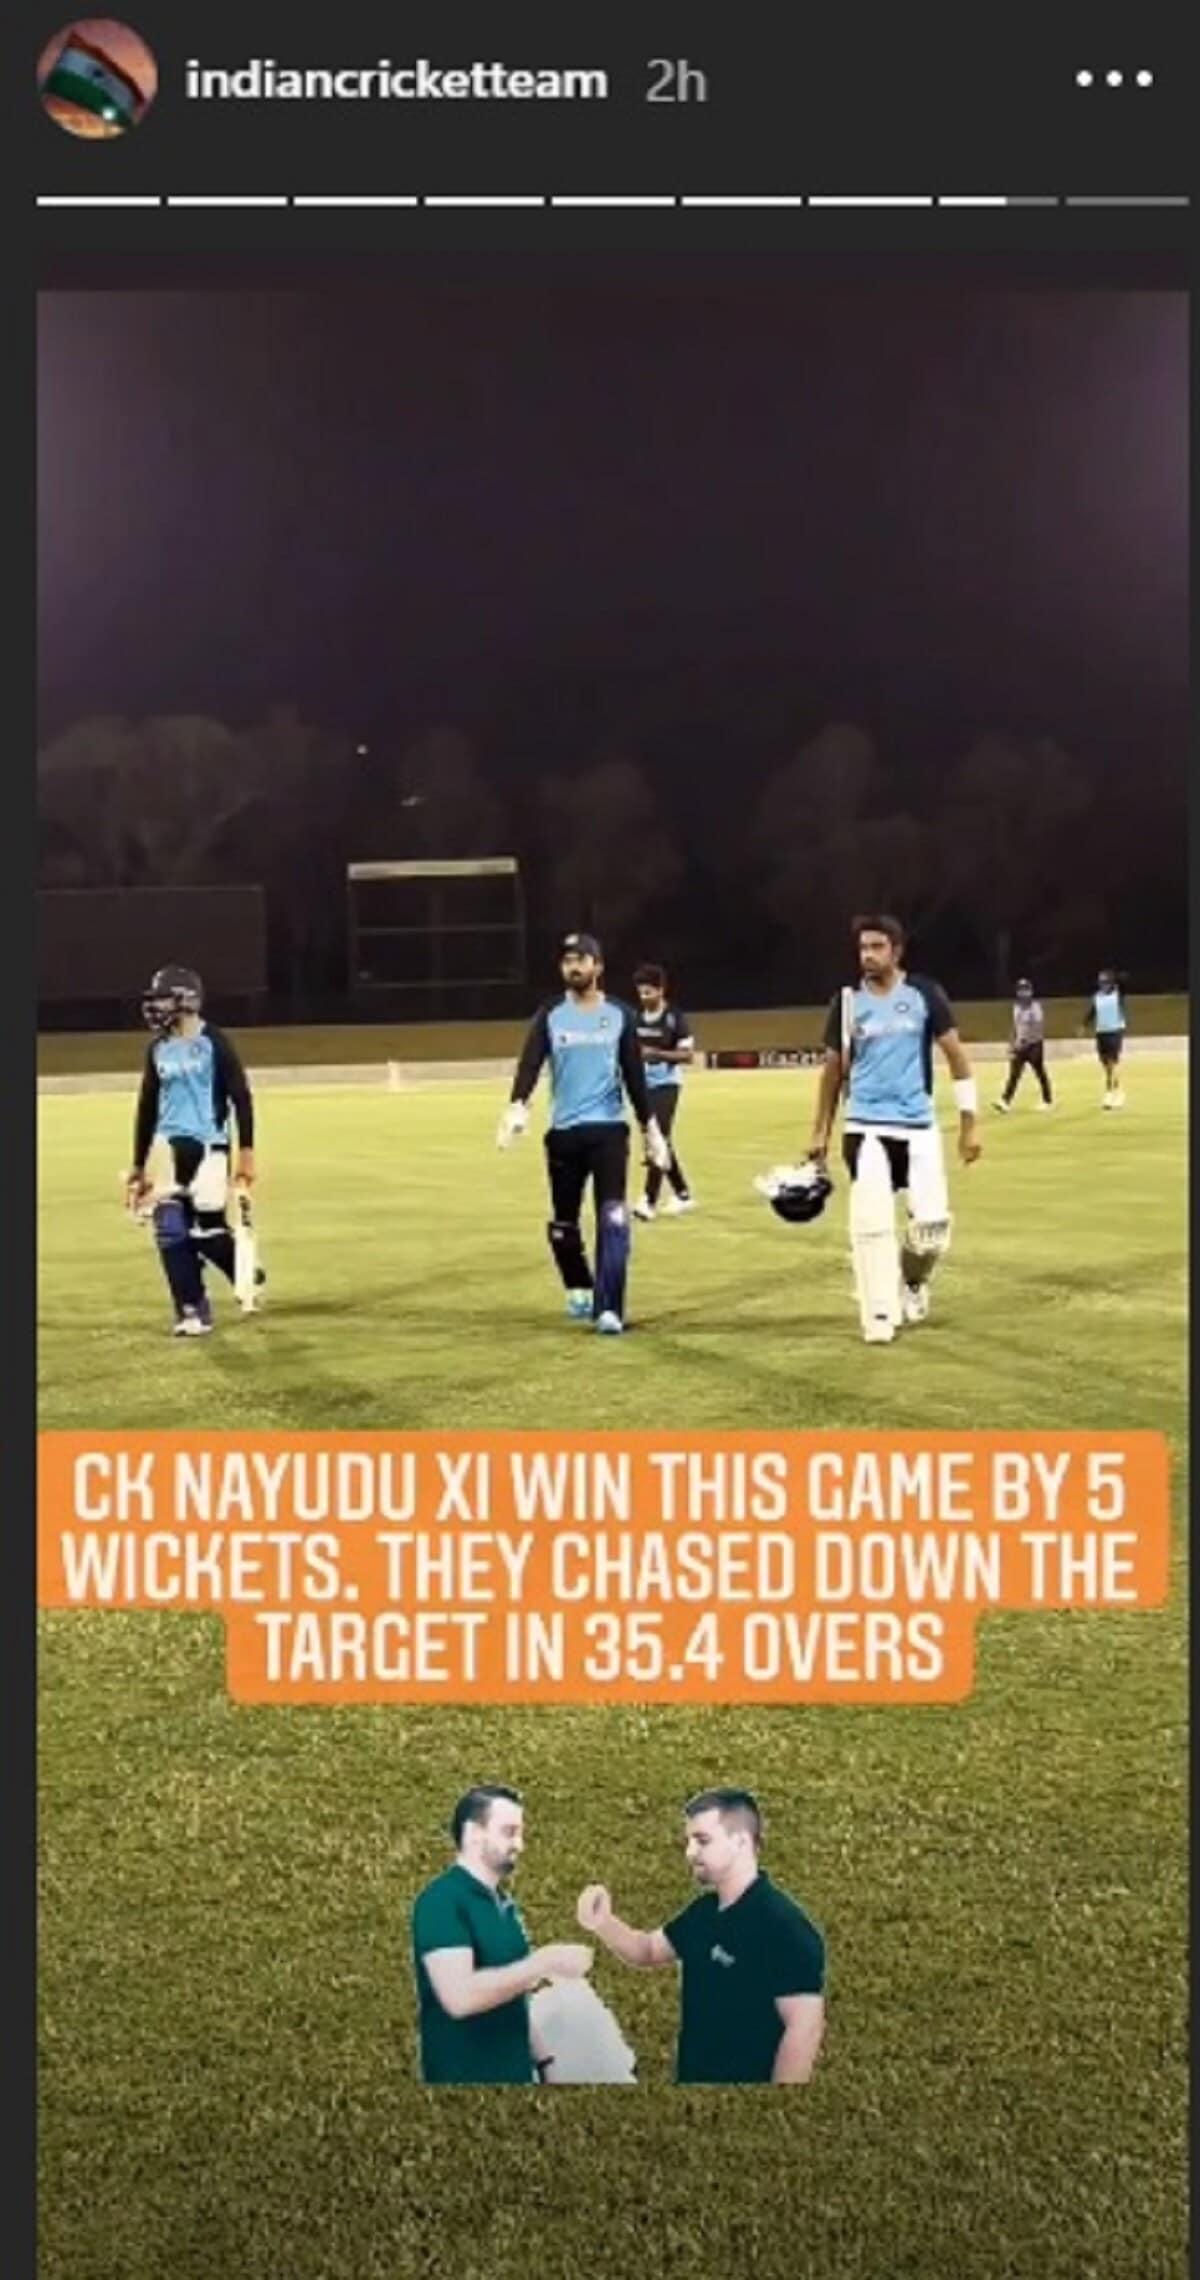 तीन वनडे, तीन टी-20 आणि चार टेस्ट मॅचच्या सीरिजआधी टीम इंडियाने ऑस्ट्रेलियात रविवारी इंन्ट्रा स्क्वॉड सराव सामना खेळला. सीके नायुडू टीमचं नेतृत्व विराट कोहलीने तर रणजीत सिंहजी टीमचं नेतृत्व केएल राहुलने केलं.